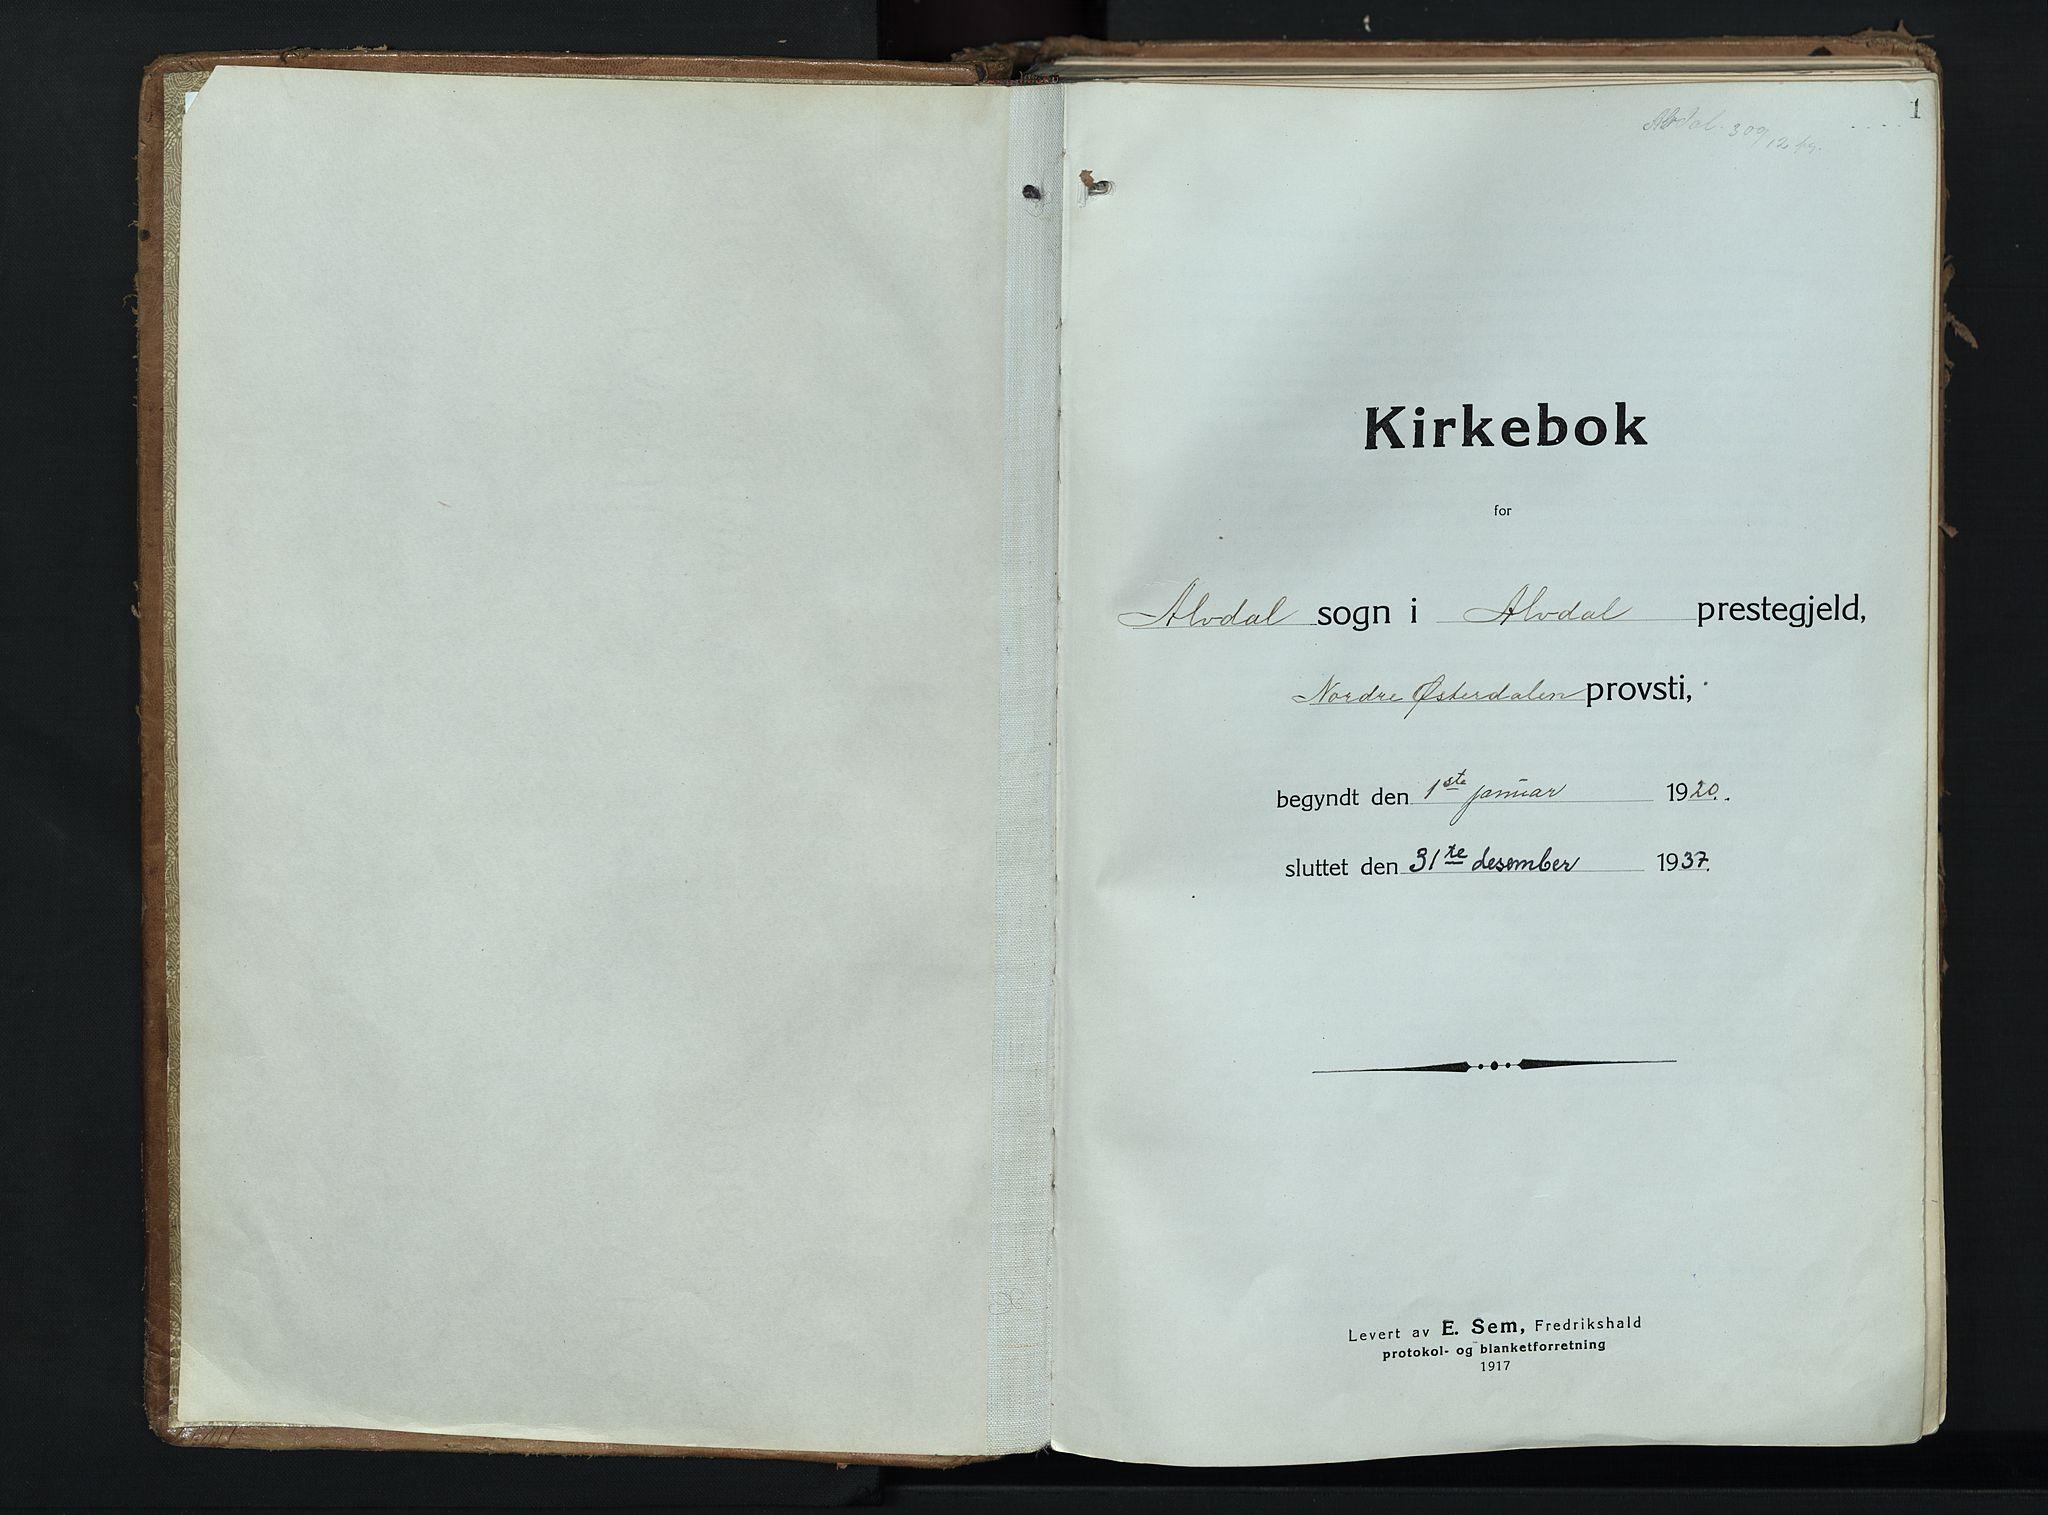 SAH, Alvdal prestekontor, Ministerialbok nr. 6, 1920-1937, s. 1